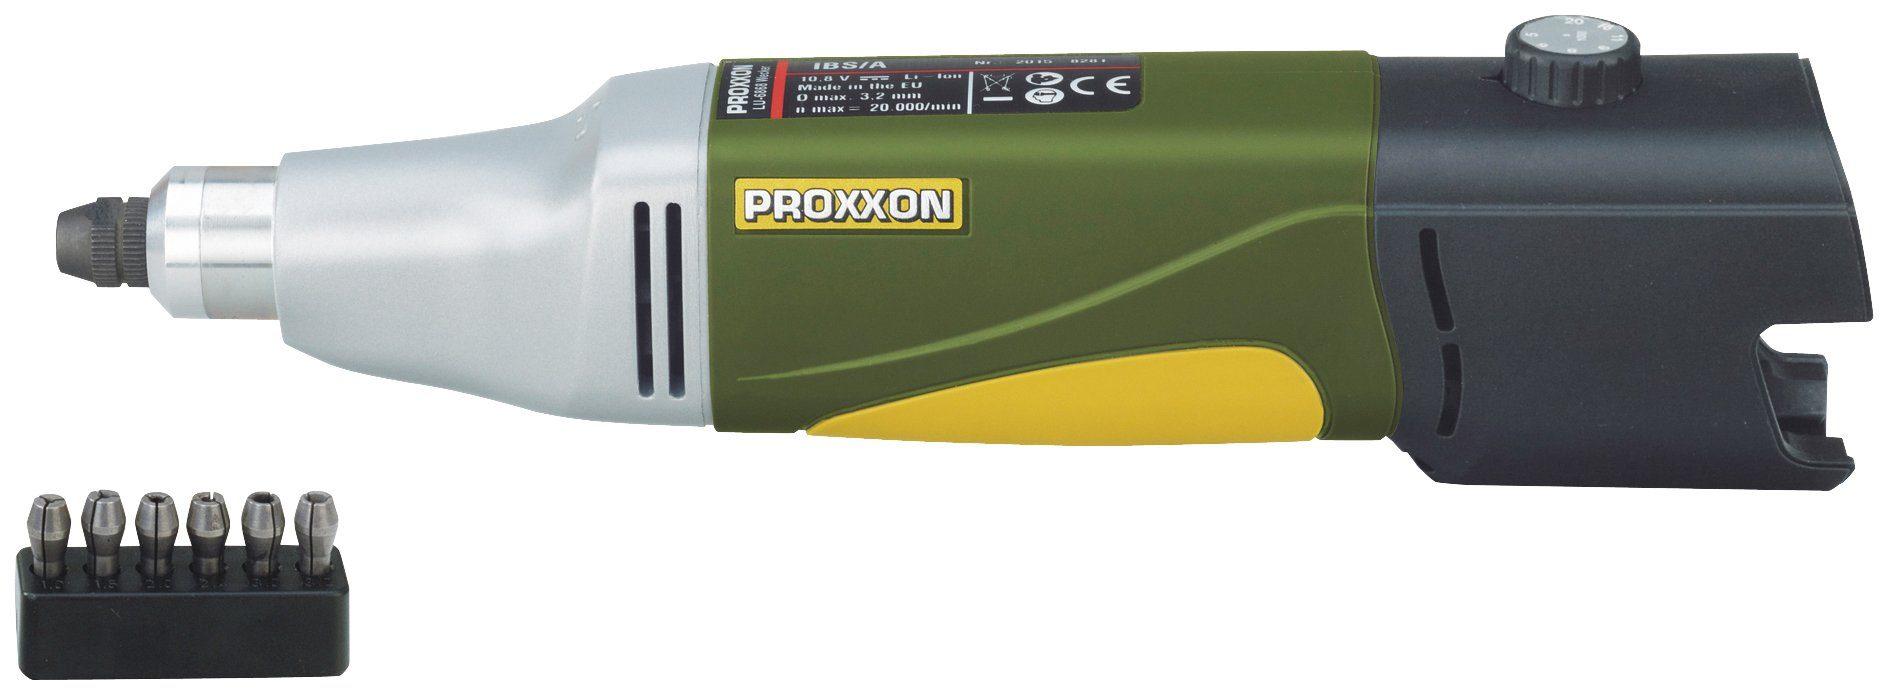 PROXXON Akku-Minischleifer »Akku-Bohrschleifer IBS/A «, 10,8 V, 2,6 Ah